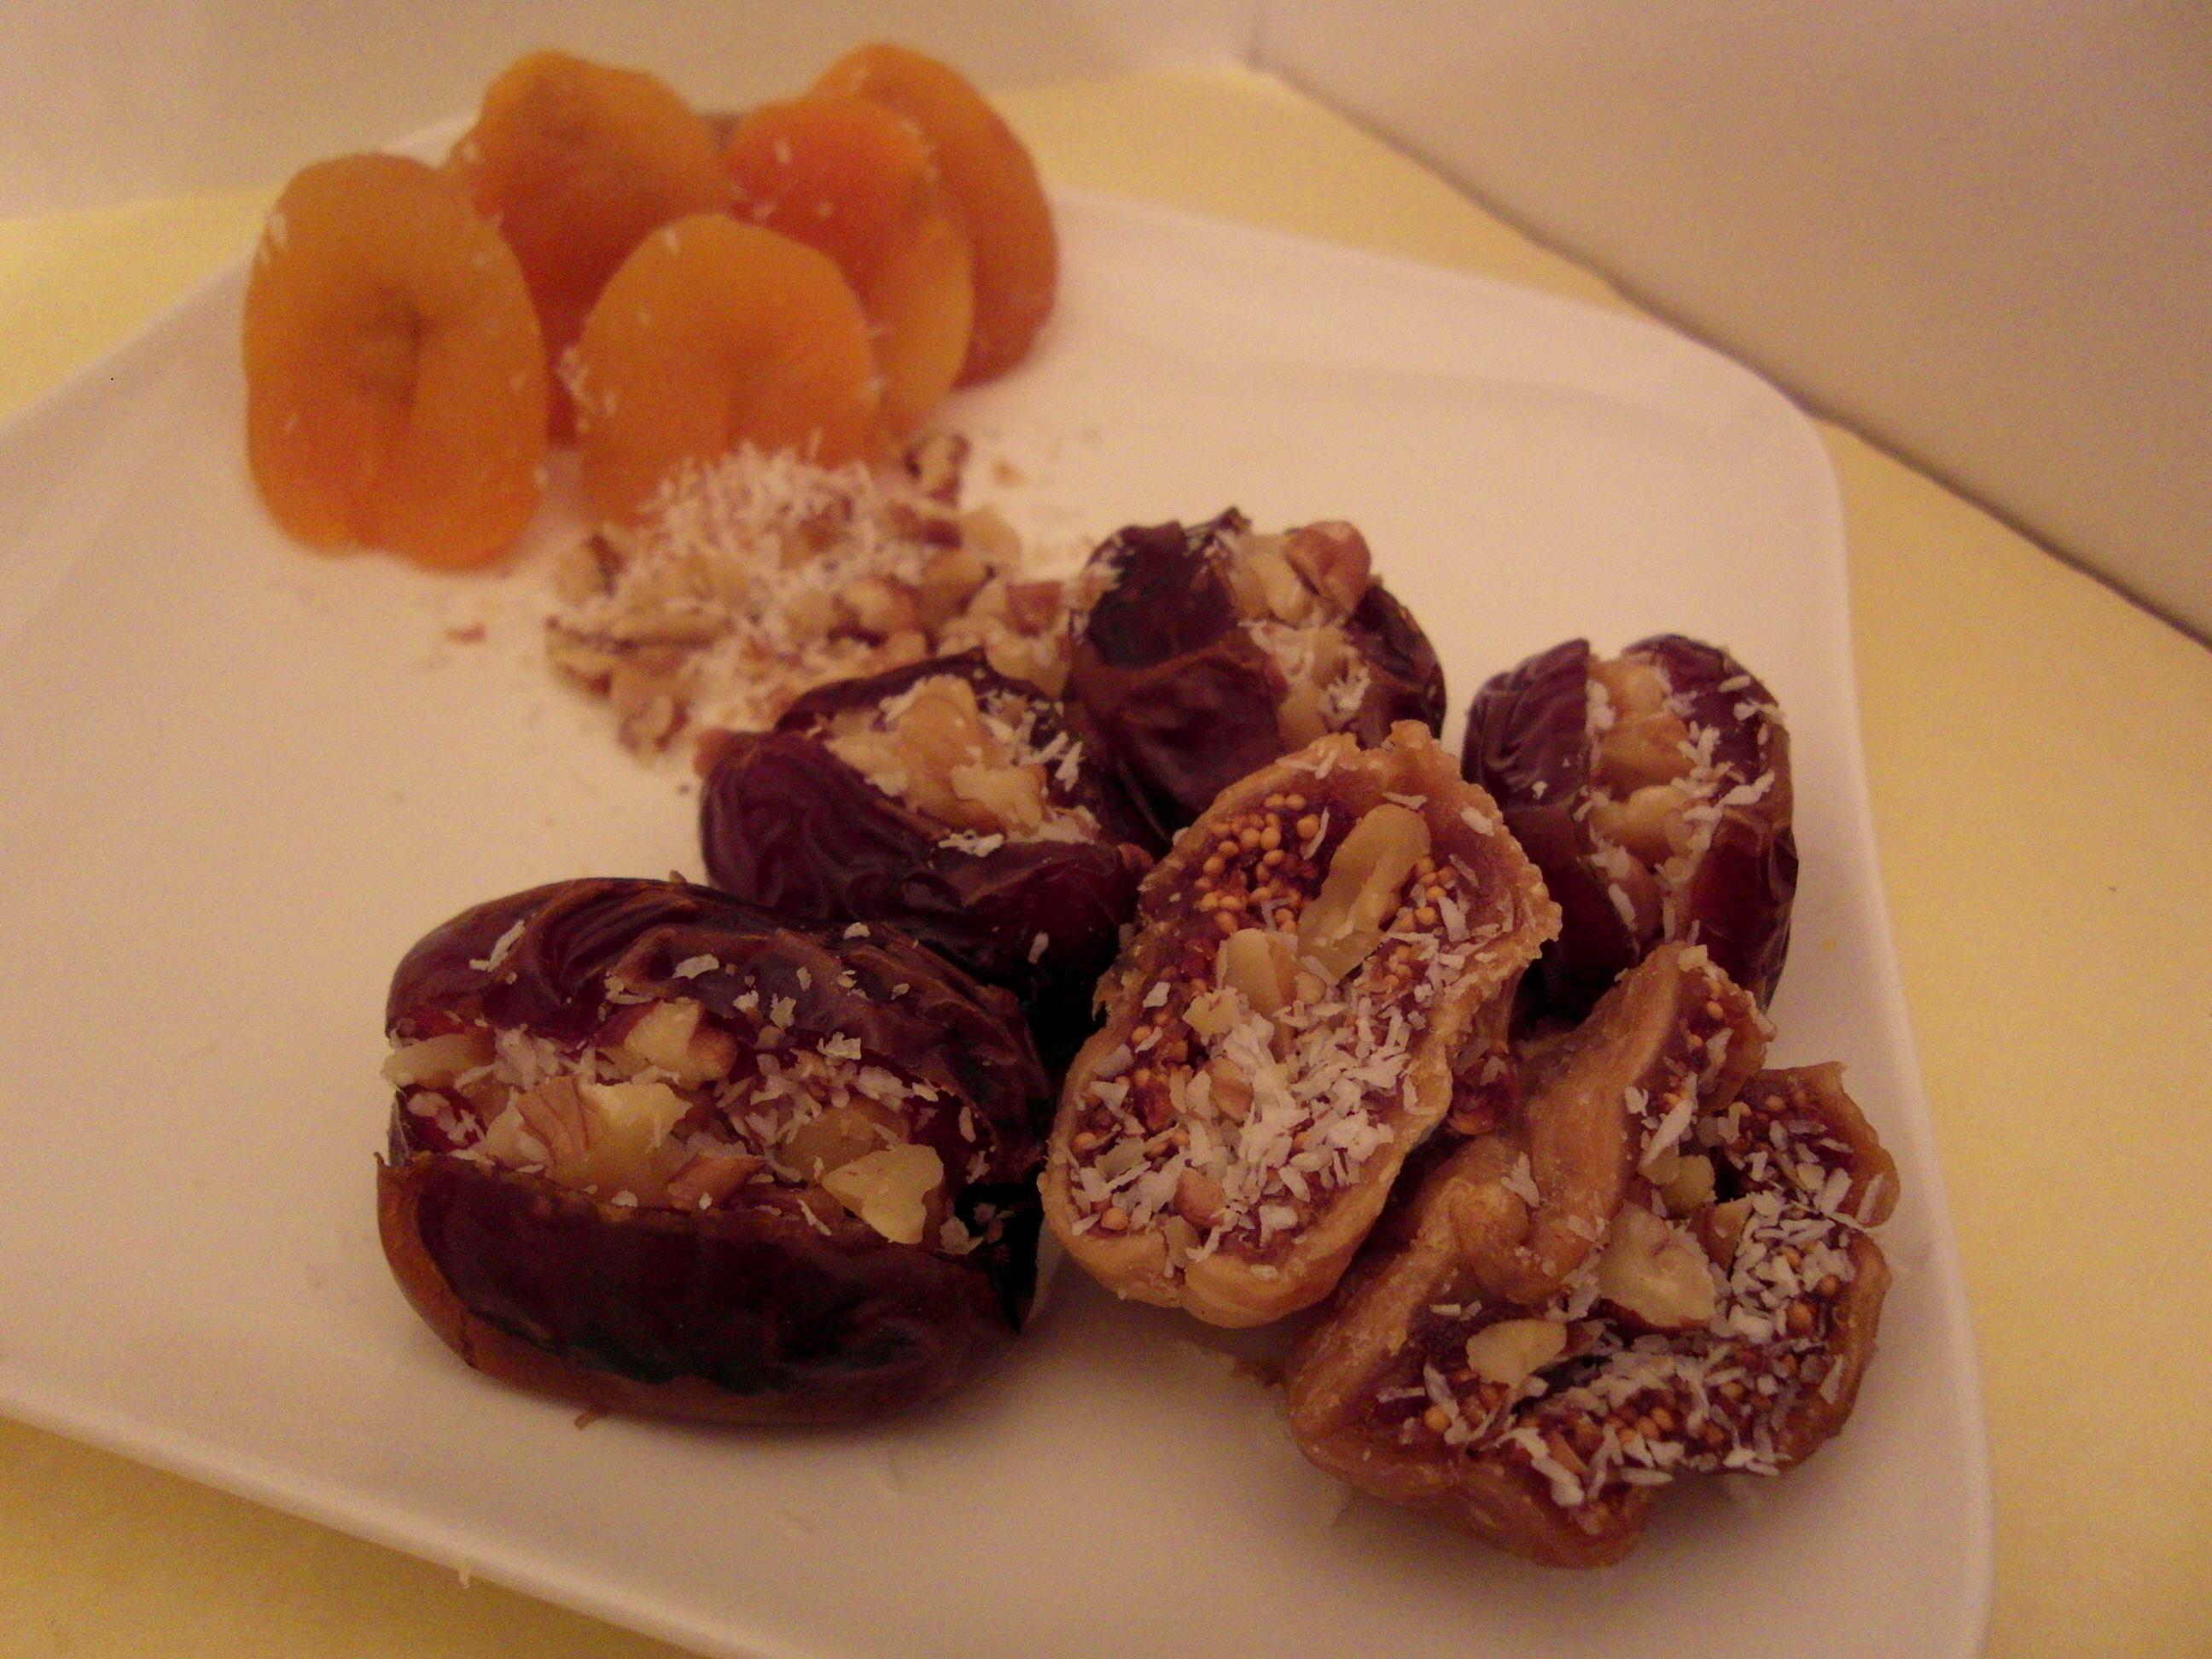 מימונה טבעונית פירות יבשים ממולאים כל טוב מתכונים טבעוניים של השוחטת הטבעונית יעלי שוחט